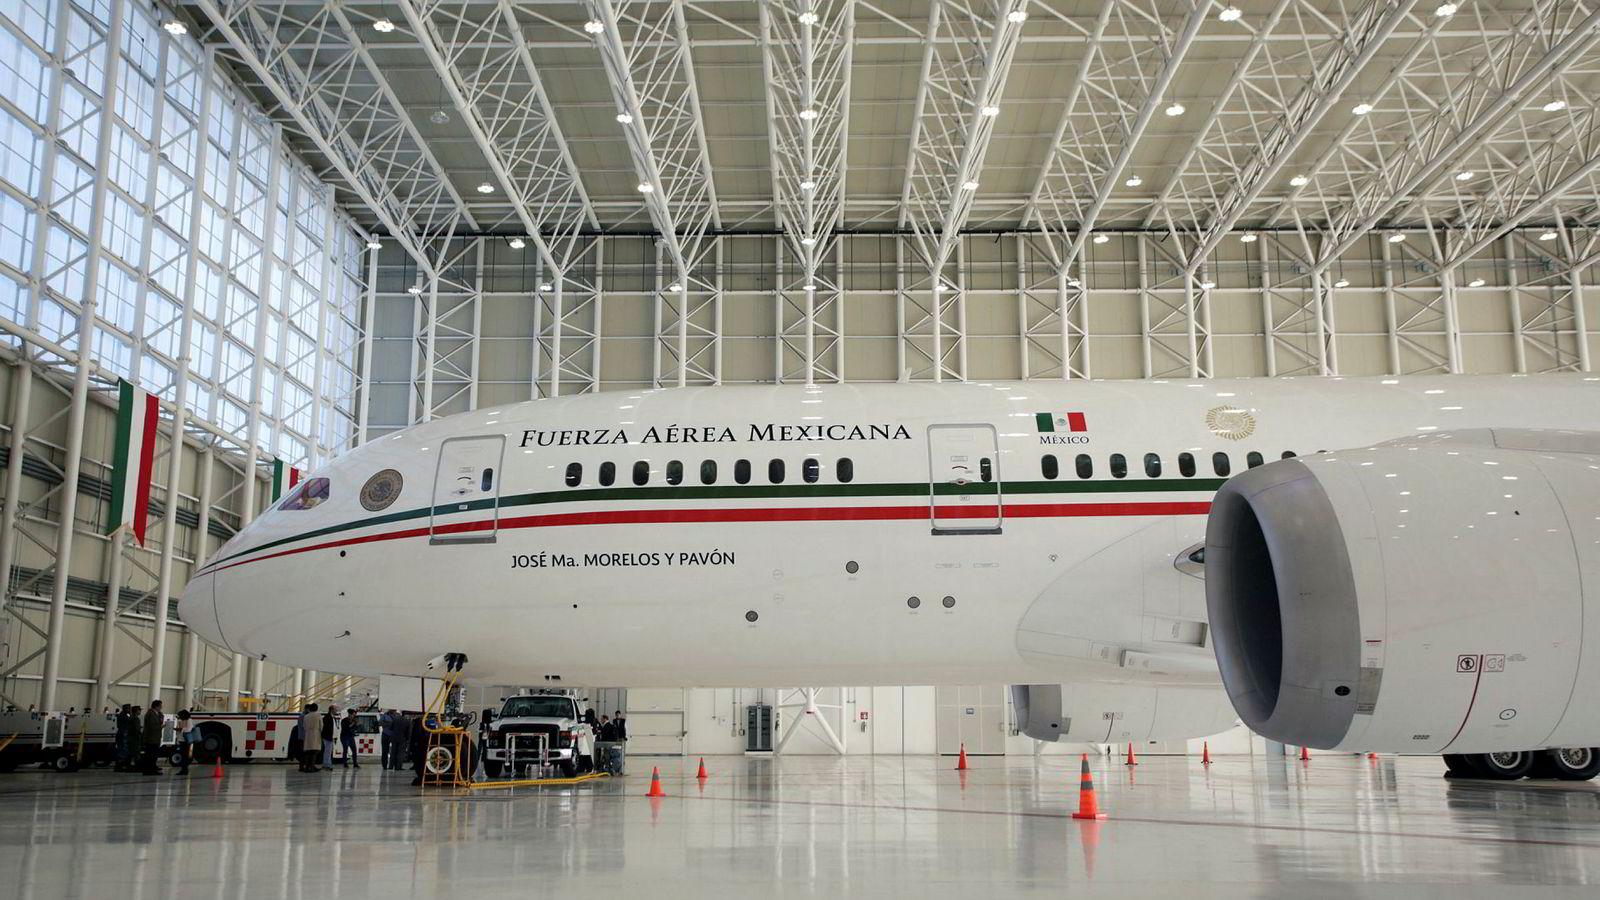 Mexicos presidentfly, et Boeing 787 Dreamliner, står parkert i hangaren ved Benito Juarez-flyplassen i Mexico City. Nå går flyet og 130 av landets øvrige fly og helikoptre under hammeren.